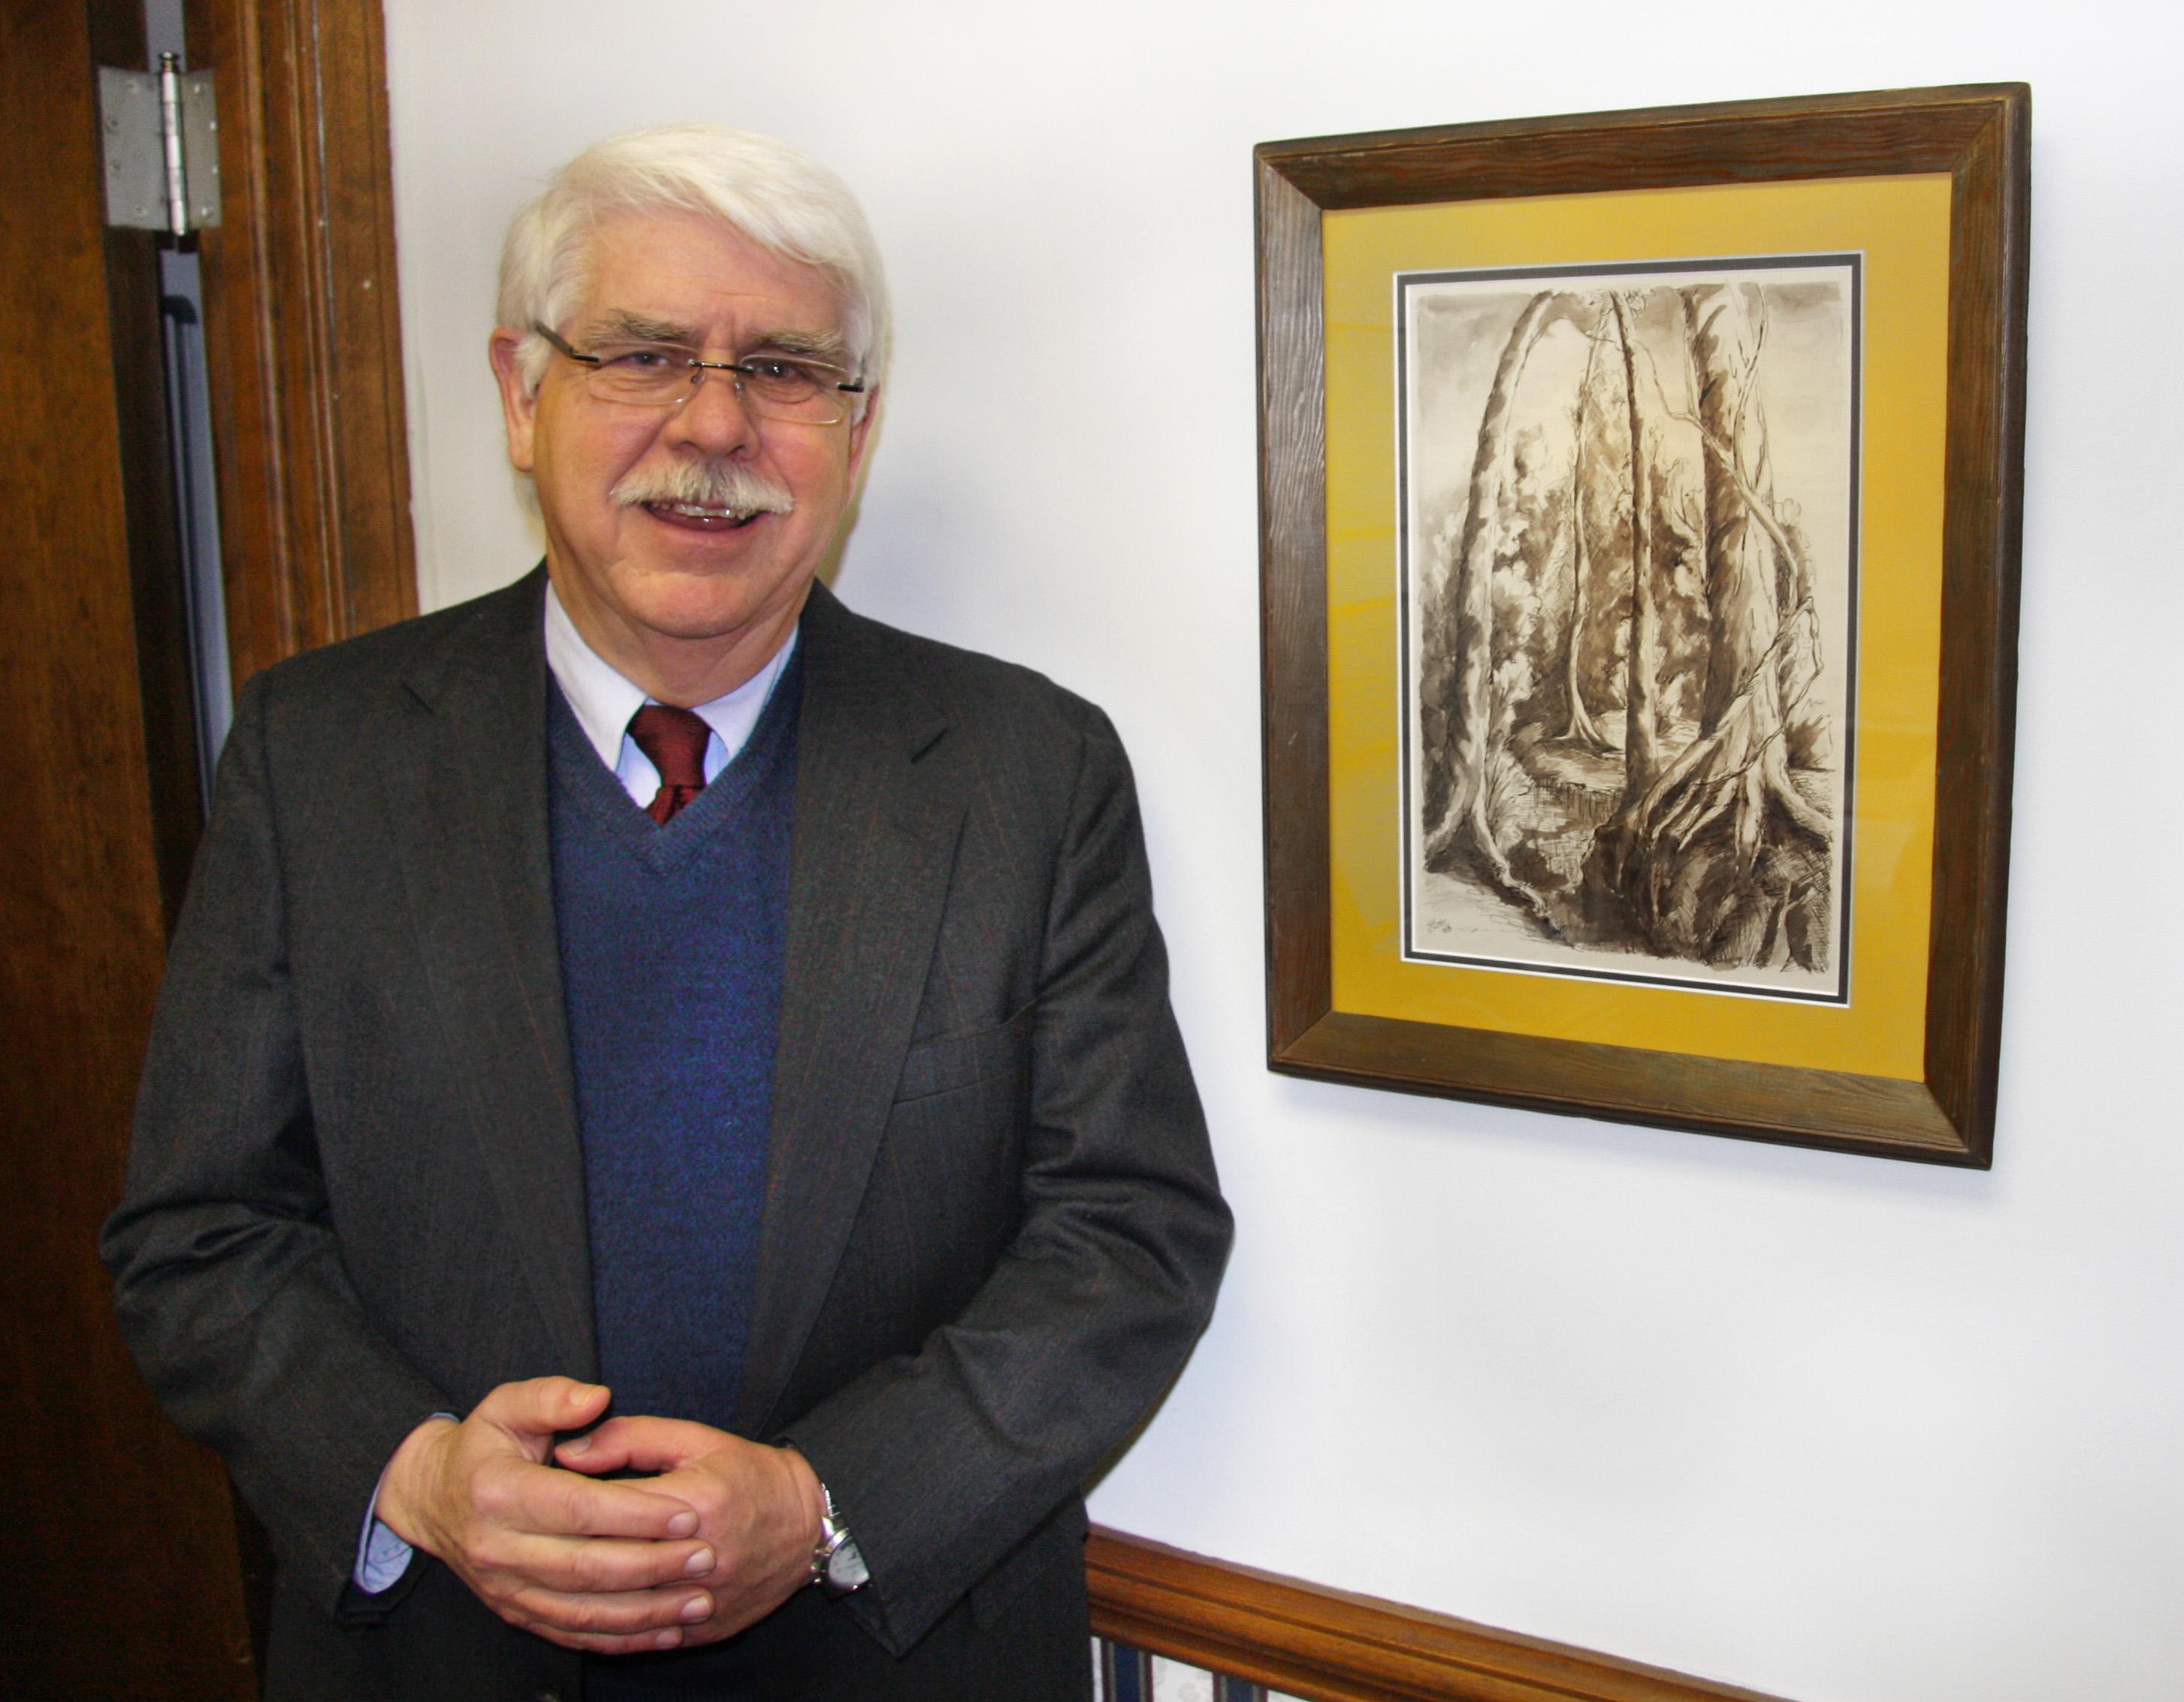 Lawrence Behr LBA CEO